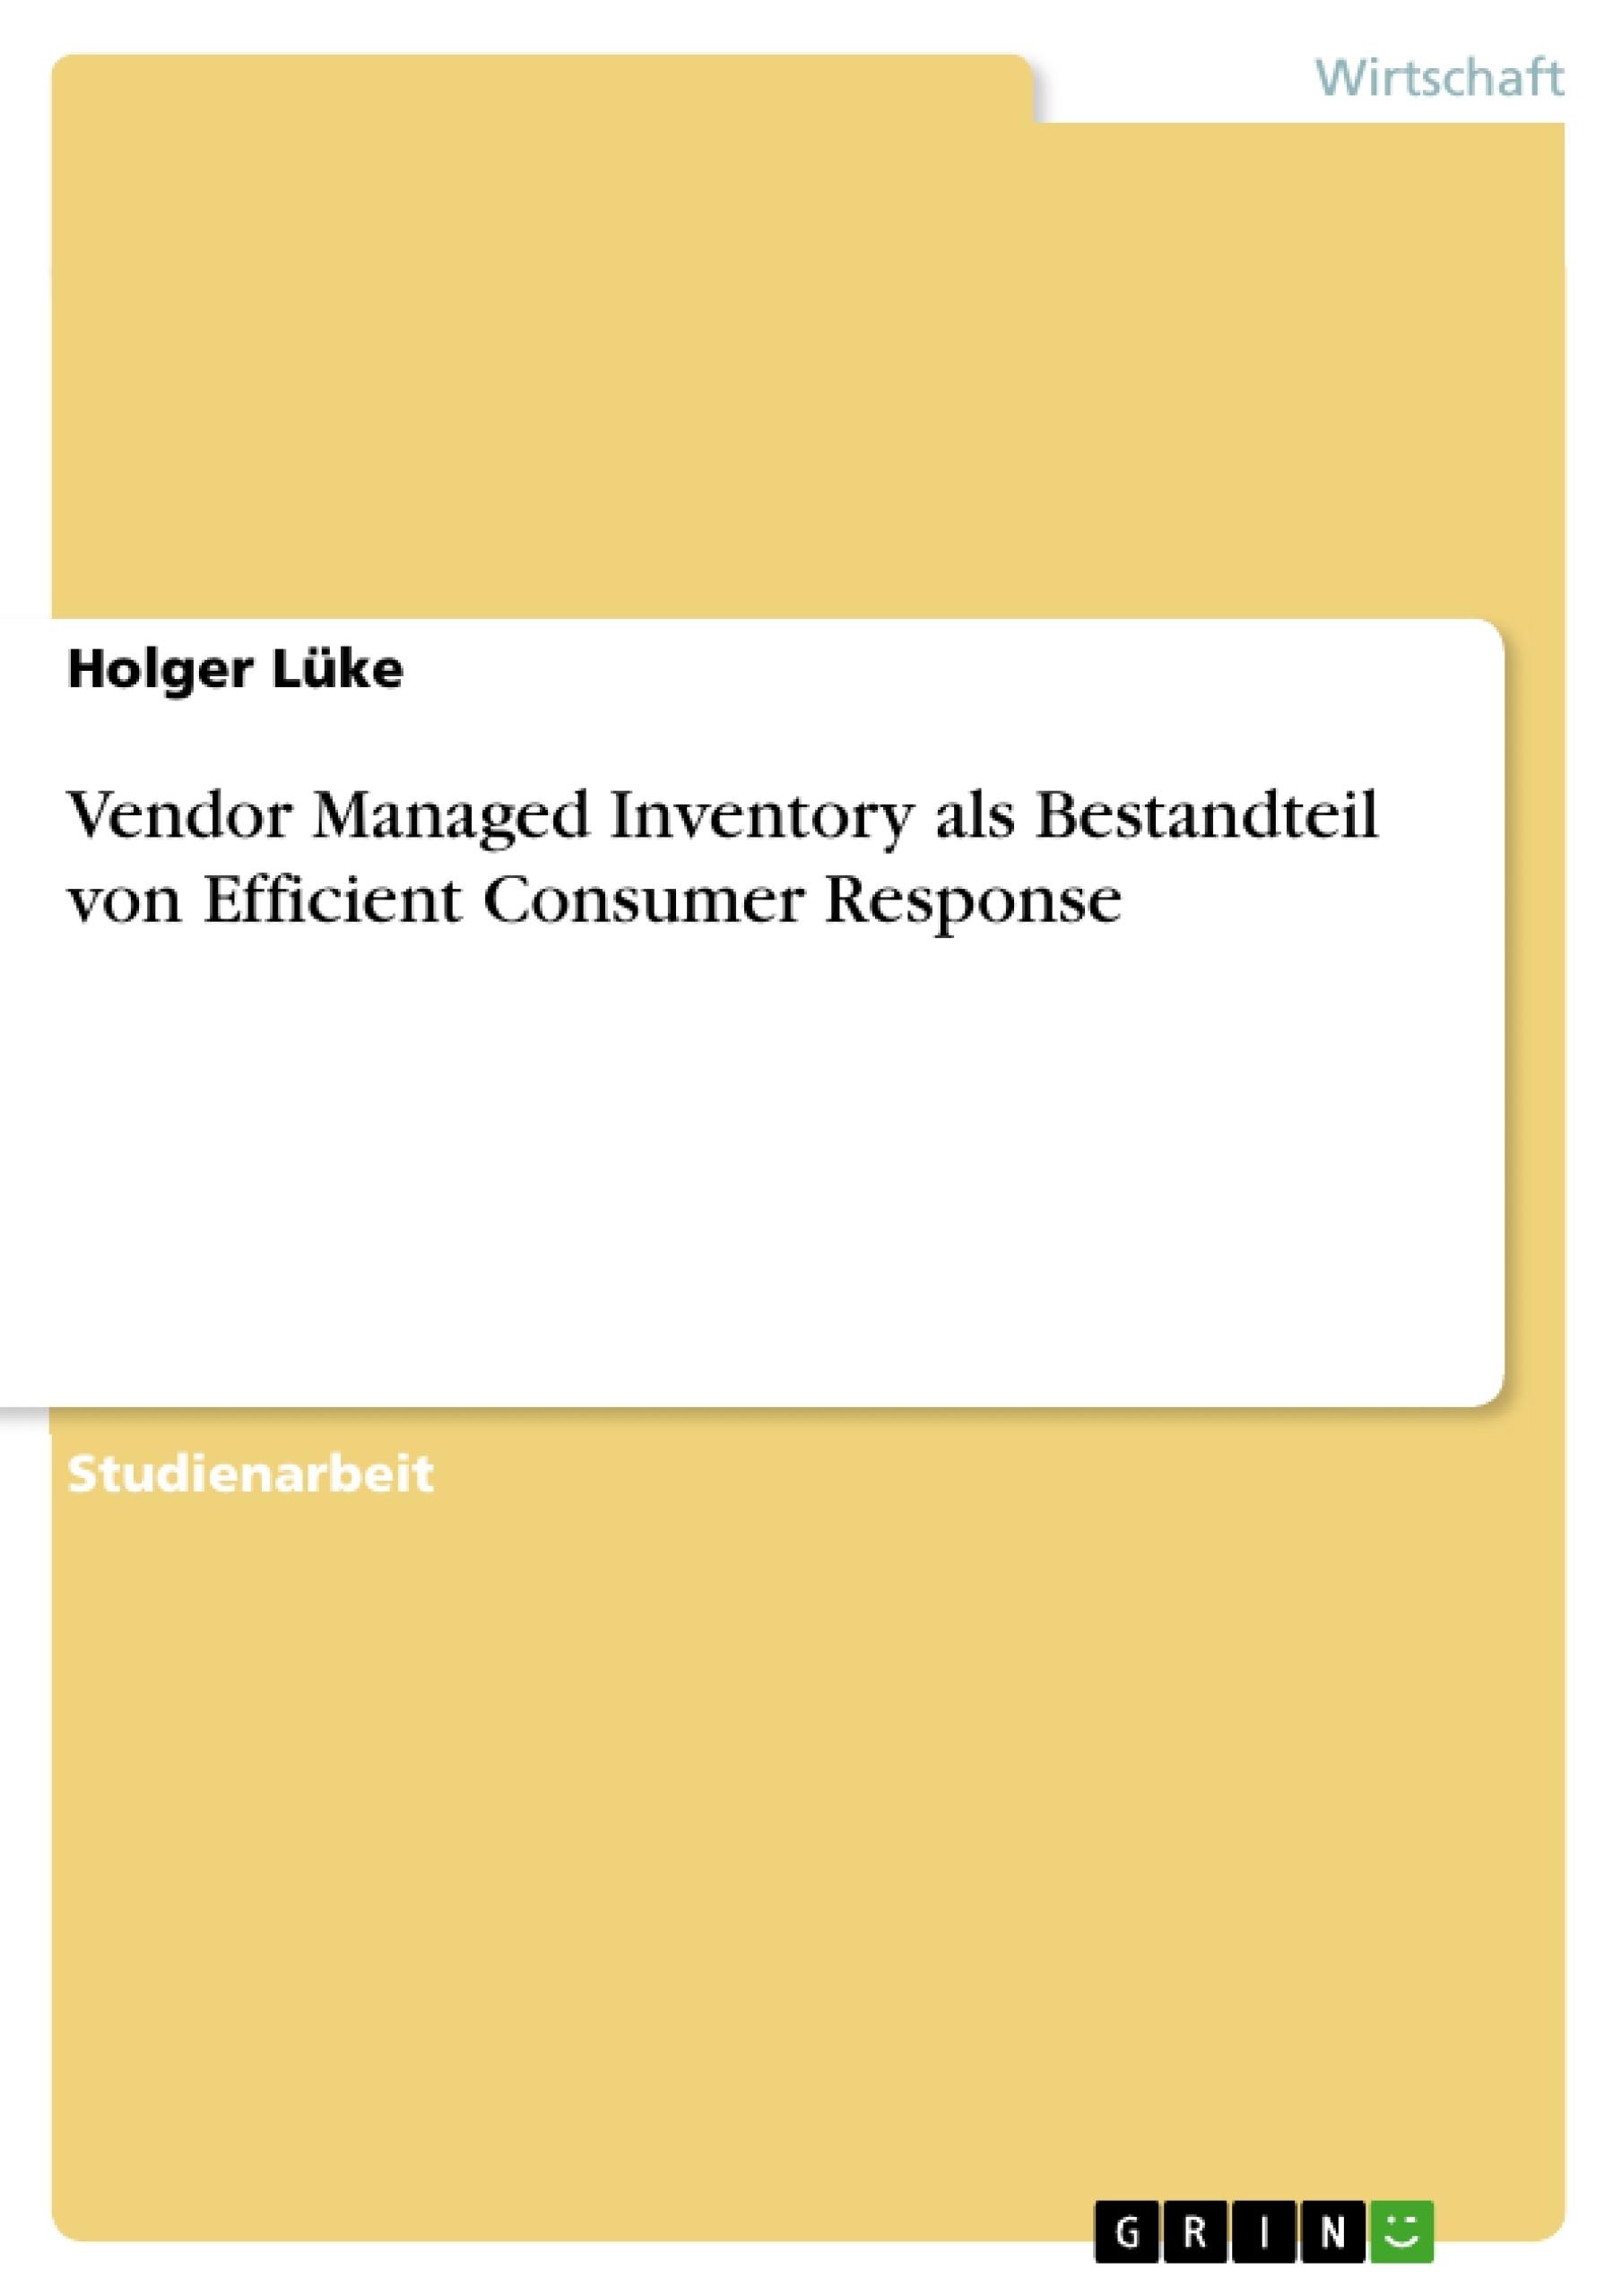 Titel: Vendor Managed Inventory als Bestandteil von Efficient Consumer Response